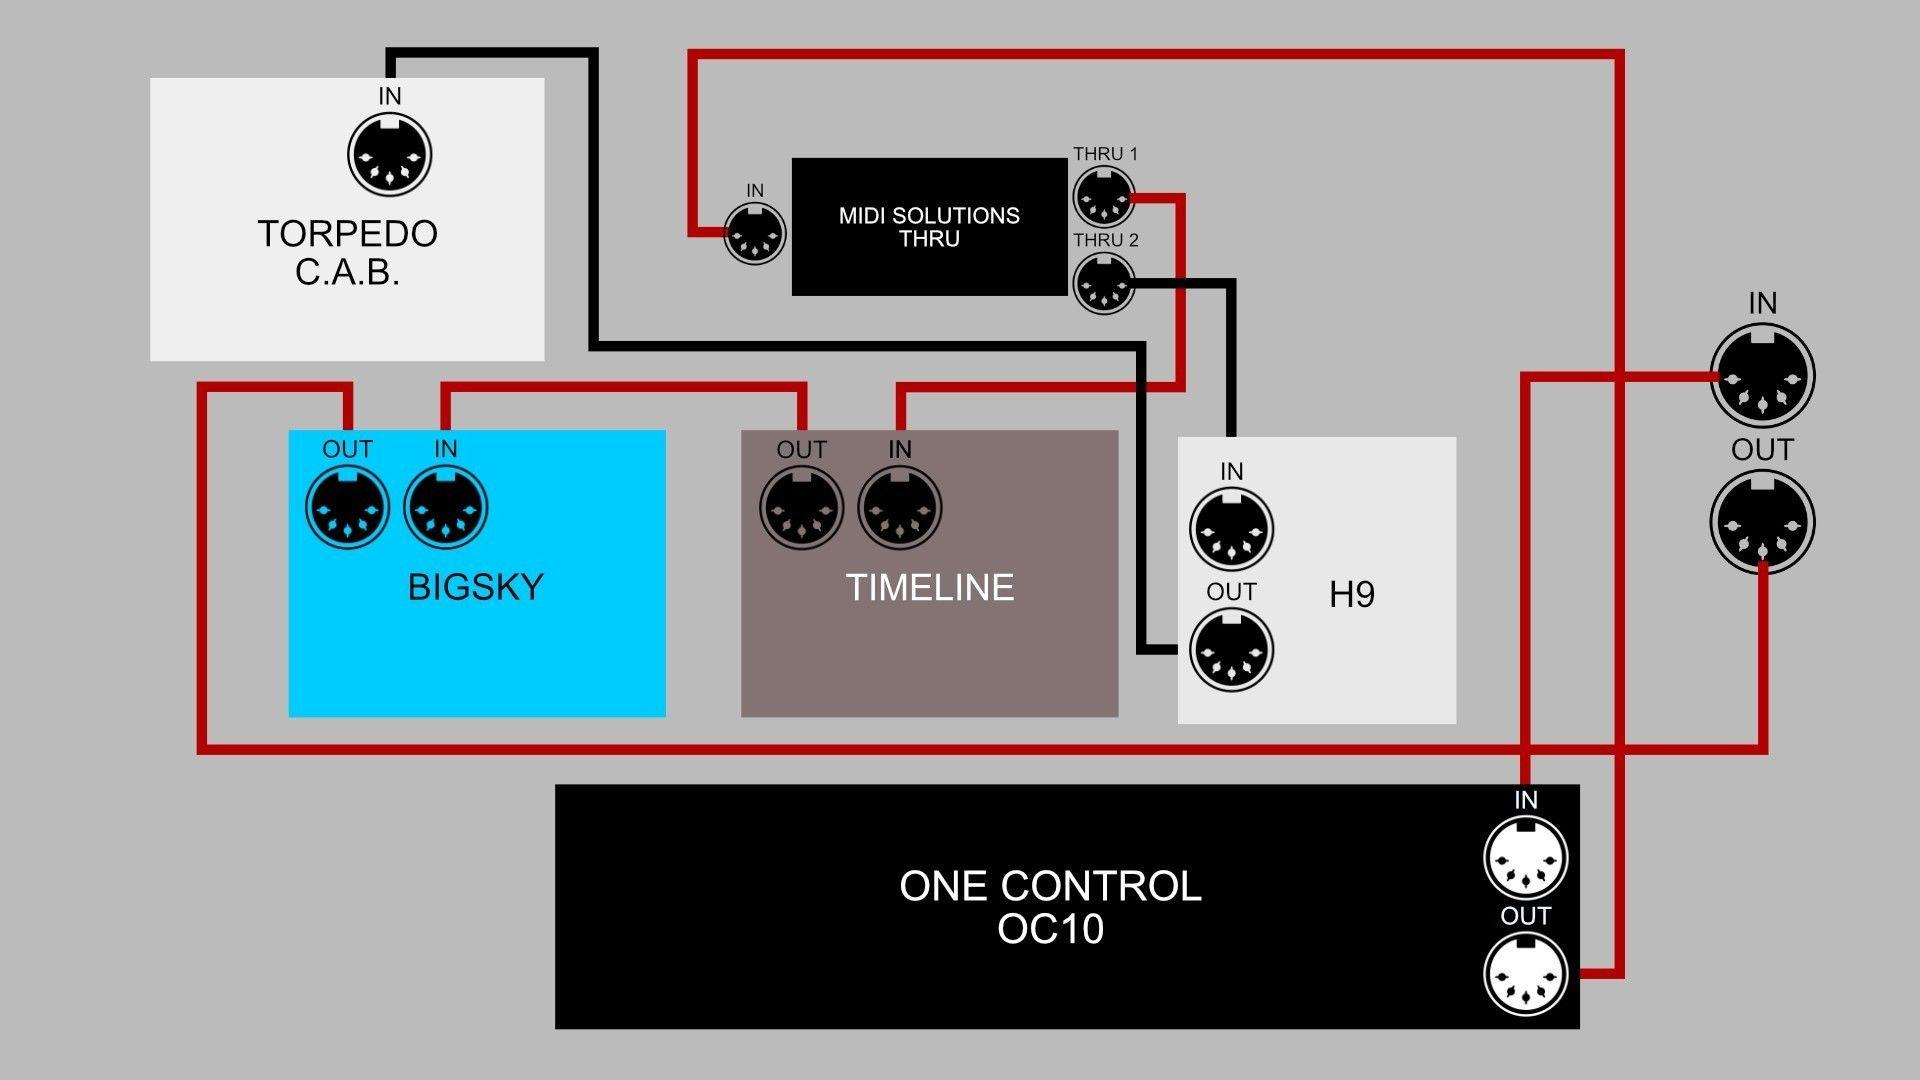 Wiring Diagram For Belle Minimix 150 Diagram Diagramtemplate Diagramsample